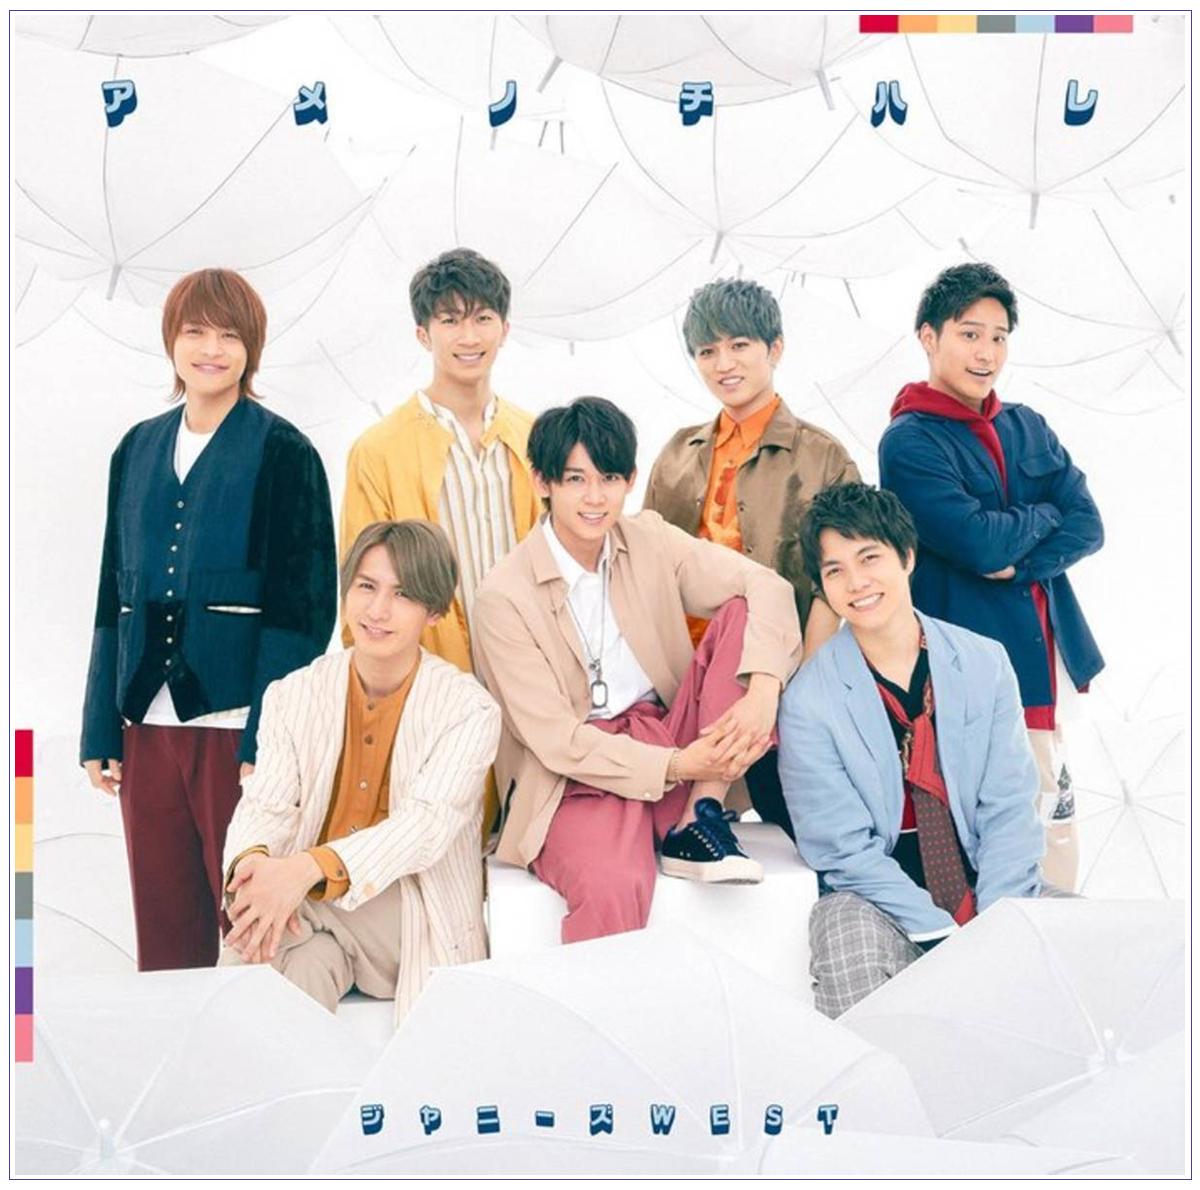 2019년 5/3일자 주간 오리콘 차트(SINGLE 부문)